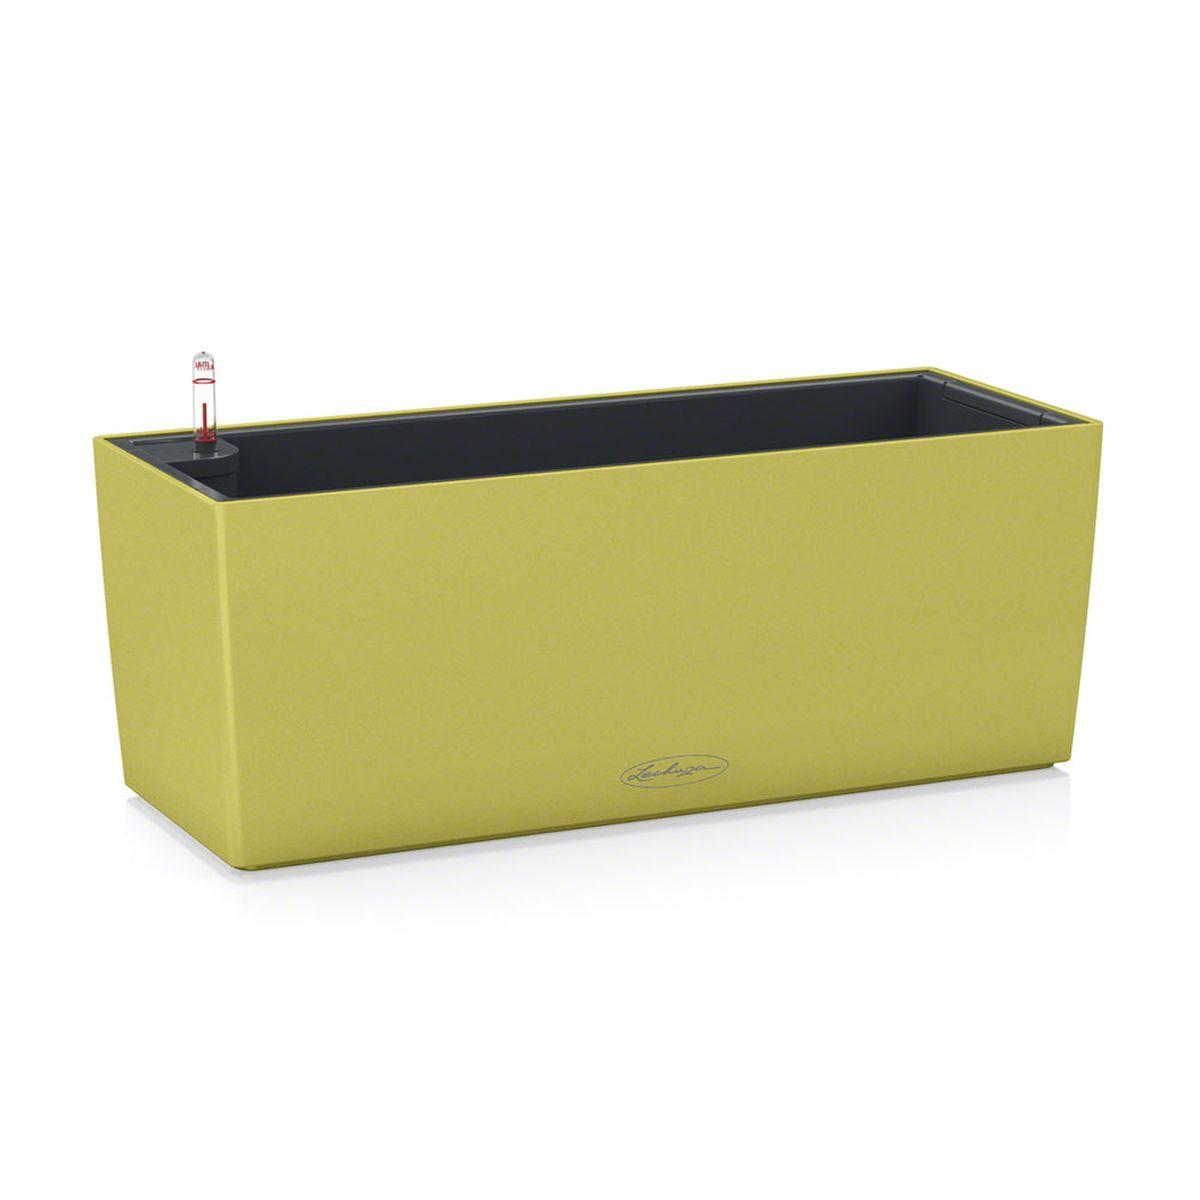 Кашпо Lechuza Balconera Color, с системой автополива, цвет: фисташковый, 50 х 19 х 19 см15672Кашпо Lechuza Balconera Color, выполненное из высококачественного пластика, имеет уникальную систему автополива, благодаря которой корневая система растения непрерывно снабжается влагой из резервуара. Уровень воды в резервуаре контролируется с помощью специального индикатора. В зависимости от размера кашпо и растения воды хватает на 2-12 недель. Это способствует хорошему росту цветов и предотвращает переувлажнение. В набор входит: кашпо, внутренний горшок, индикатор уровня воды, резервуар для воды, балконный держатель. Кашпо Lechuza Balconera Color - превосходное решение для балкона. Оно прекрасно украсит любой интерьер, поможет расставить нужные акценты, а также придаст помещению вид, соответствующий вашим представлениям.